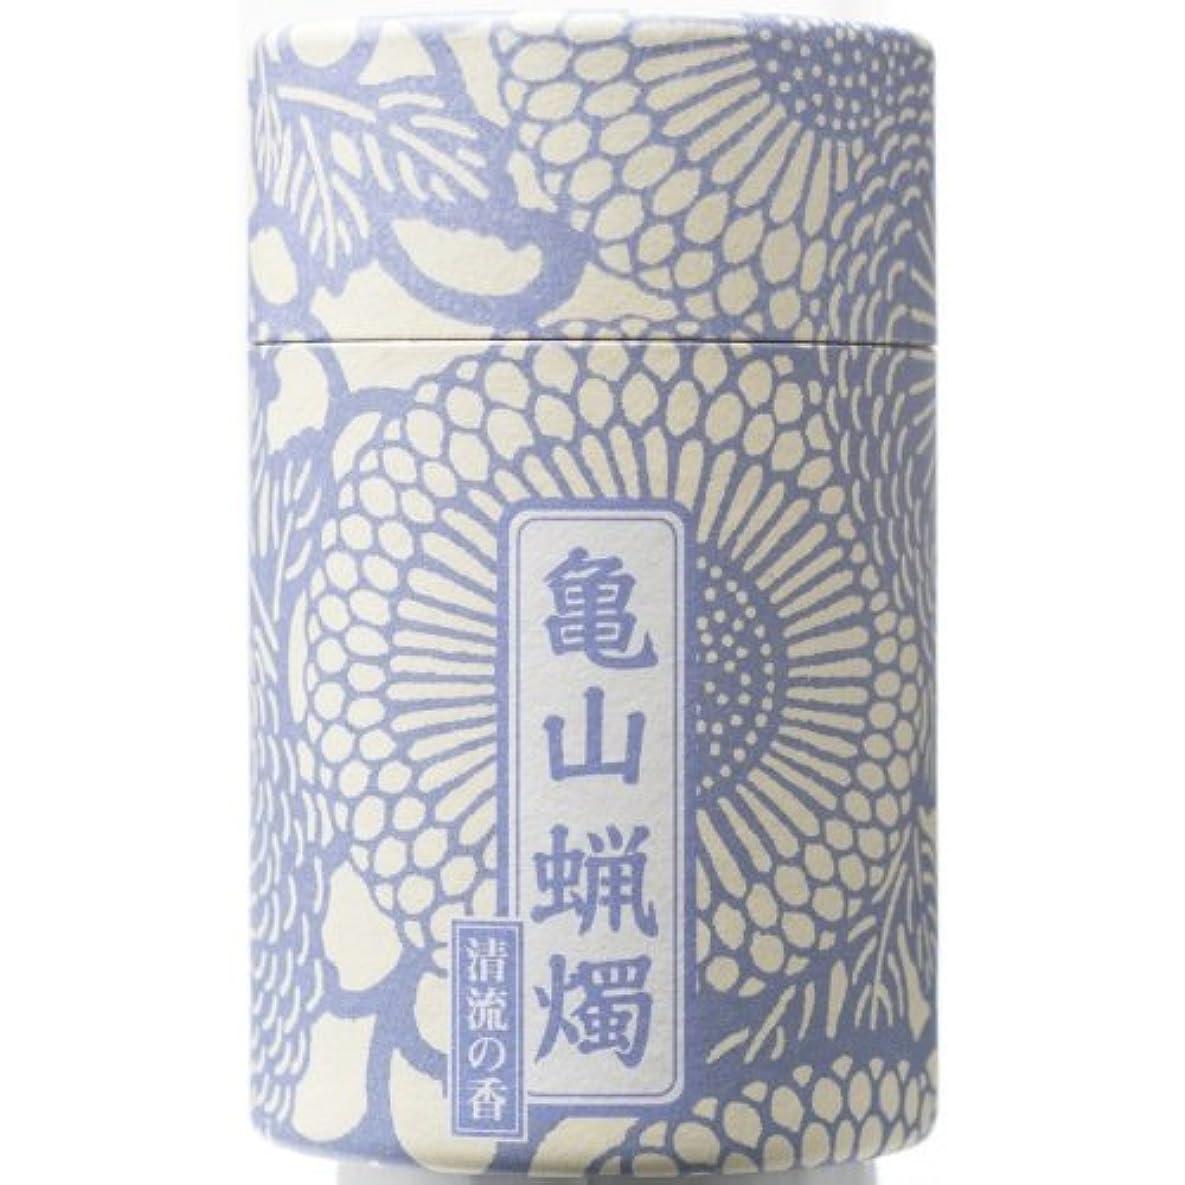 無許可チート香水和遊 10分蝋燭(清流の香) 約116本